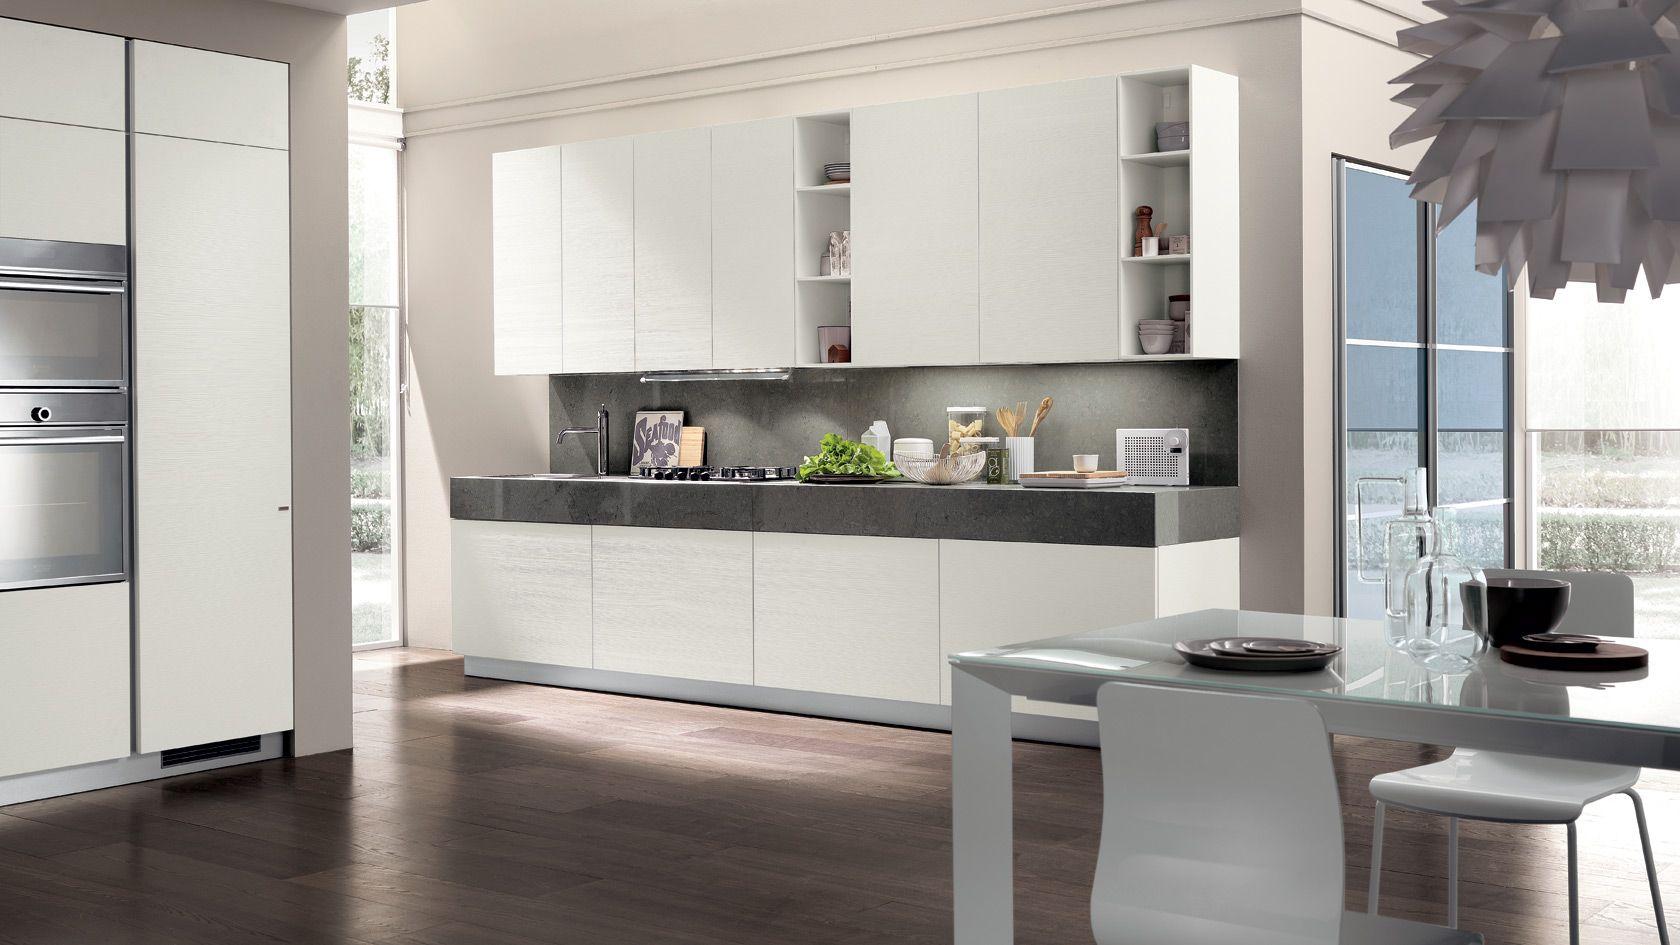 Scavolini kitchen LiberaMente - close, we like the open shelves ...